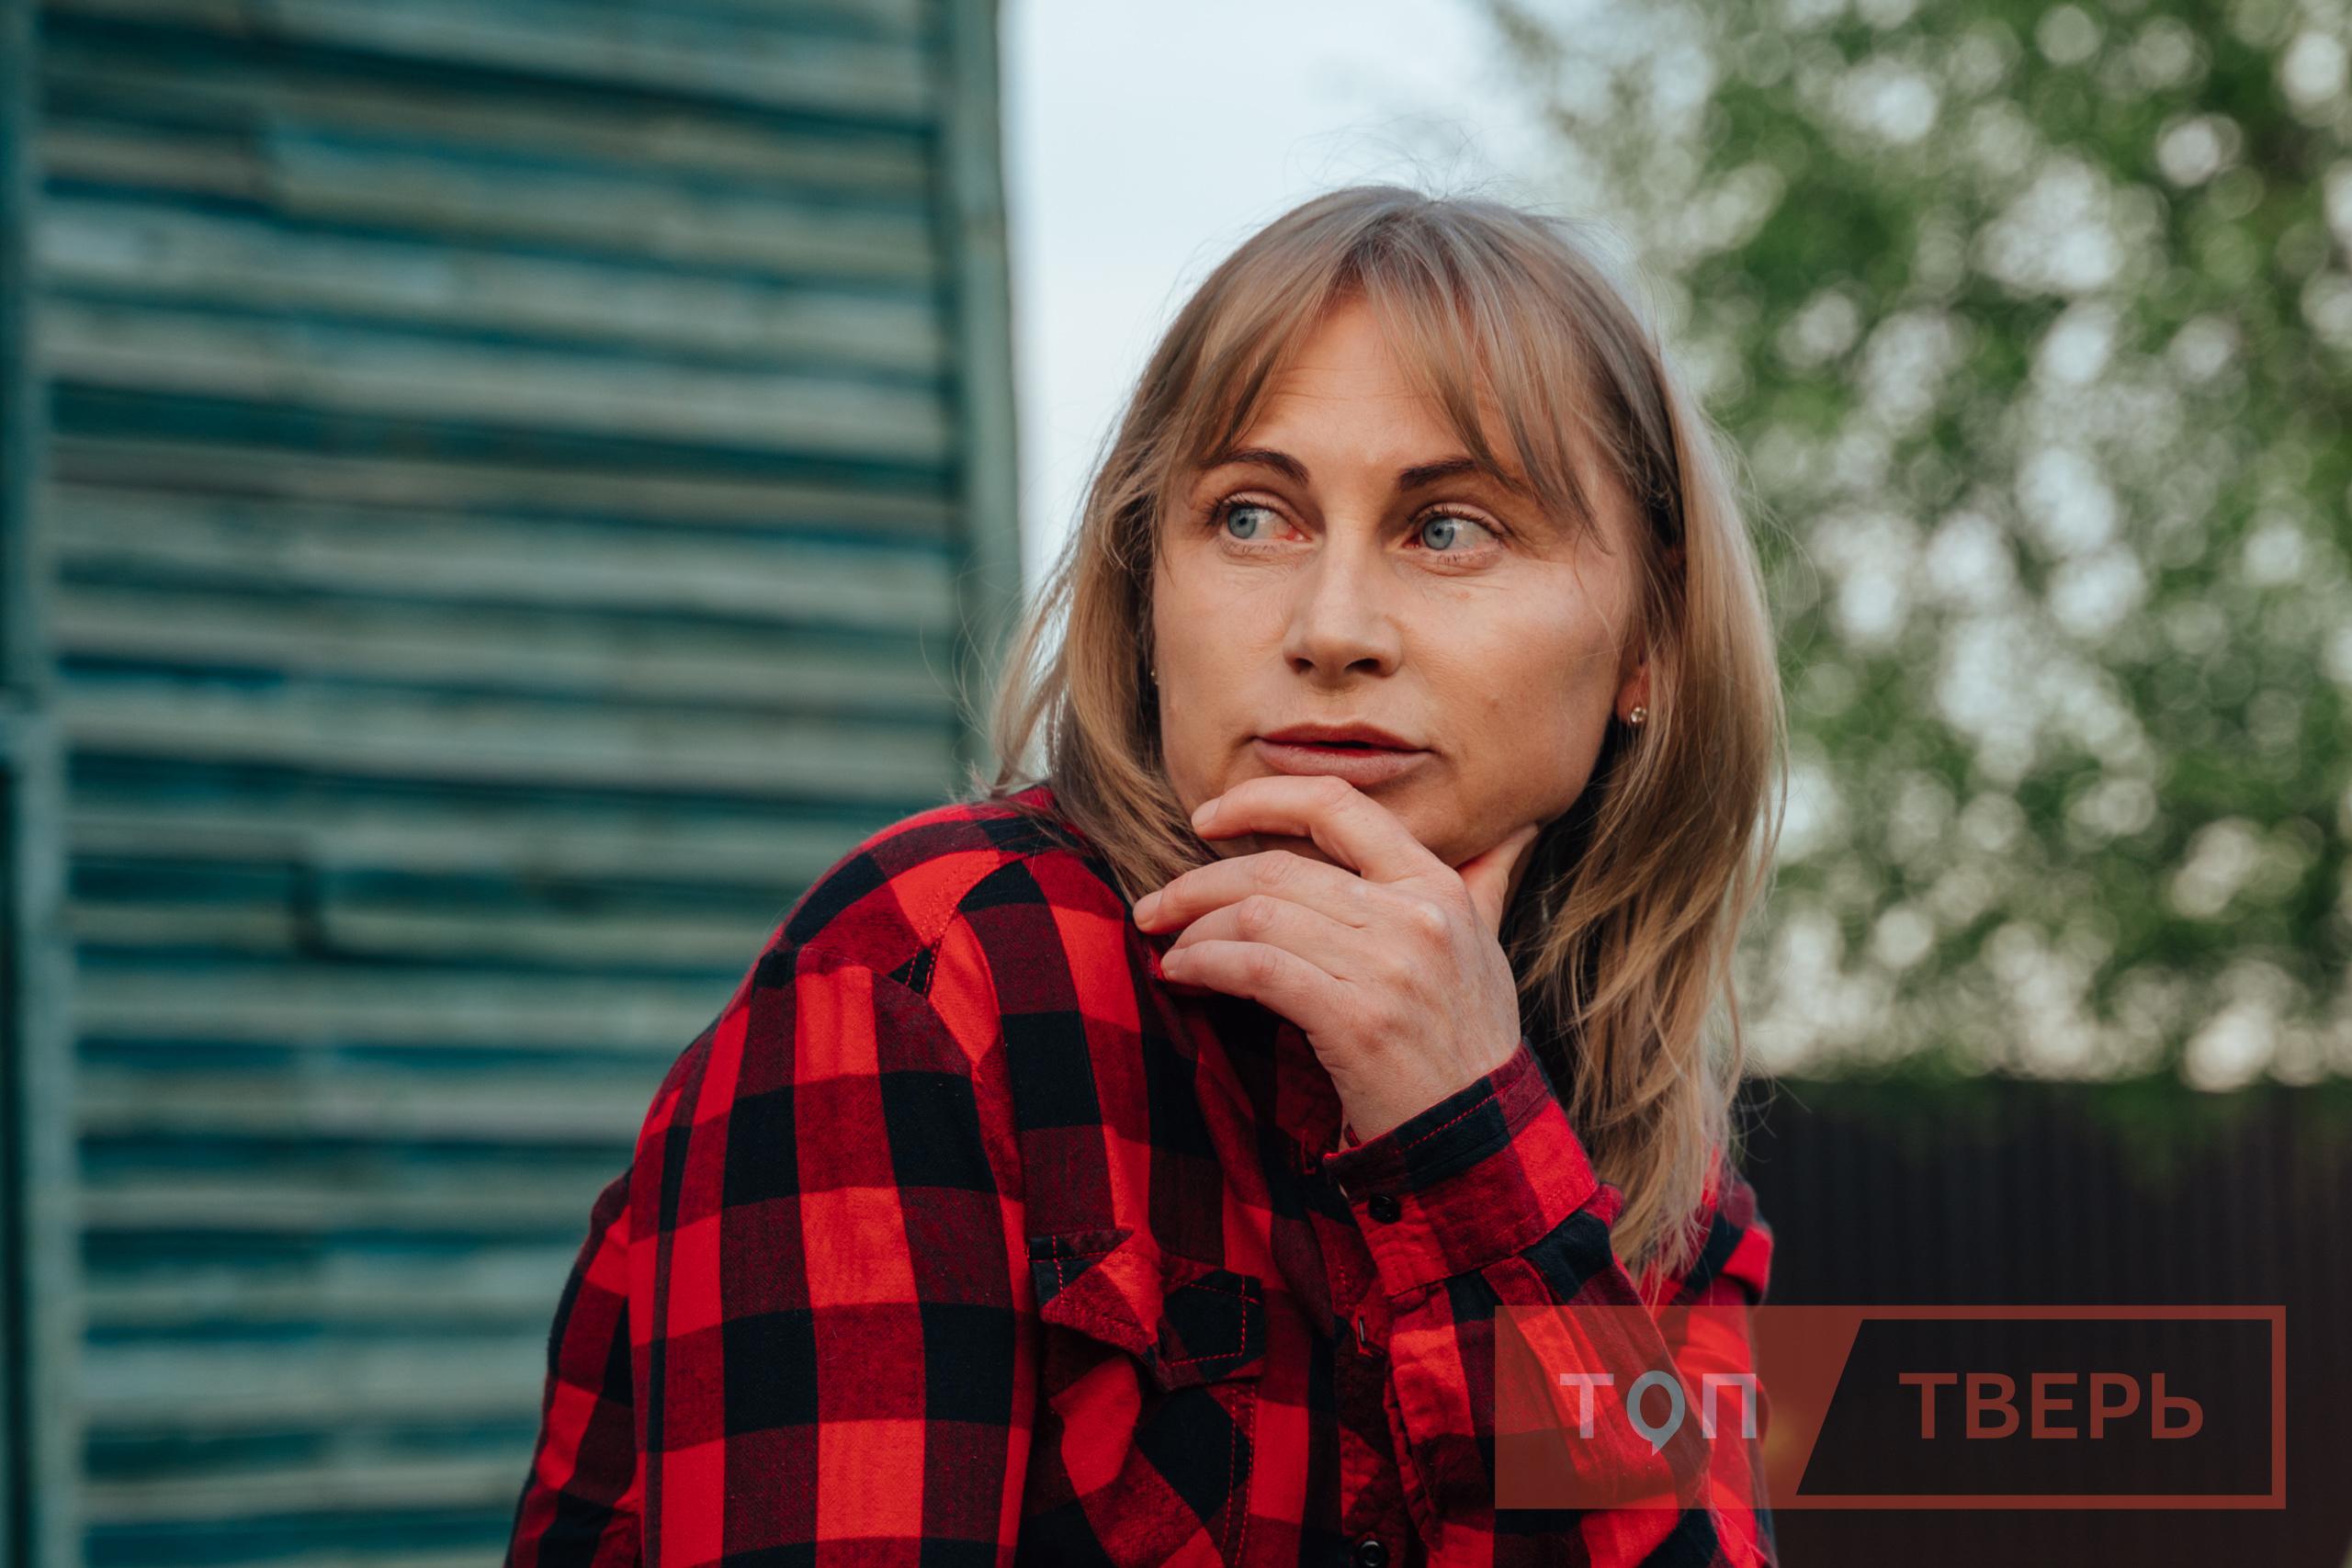 Дельтаплан над Михайловским: как женщина ждёт мужа после тройного убийства